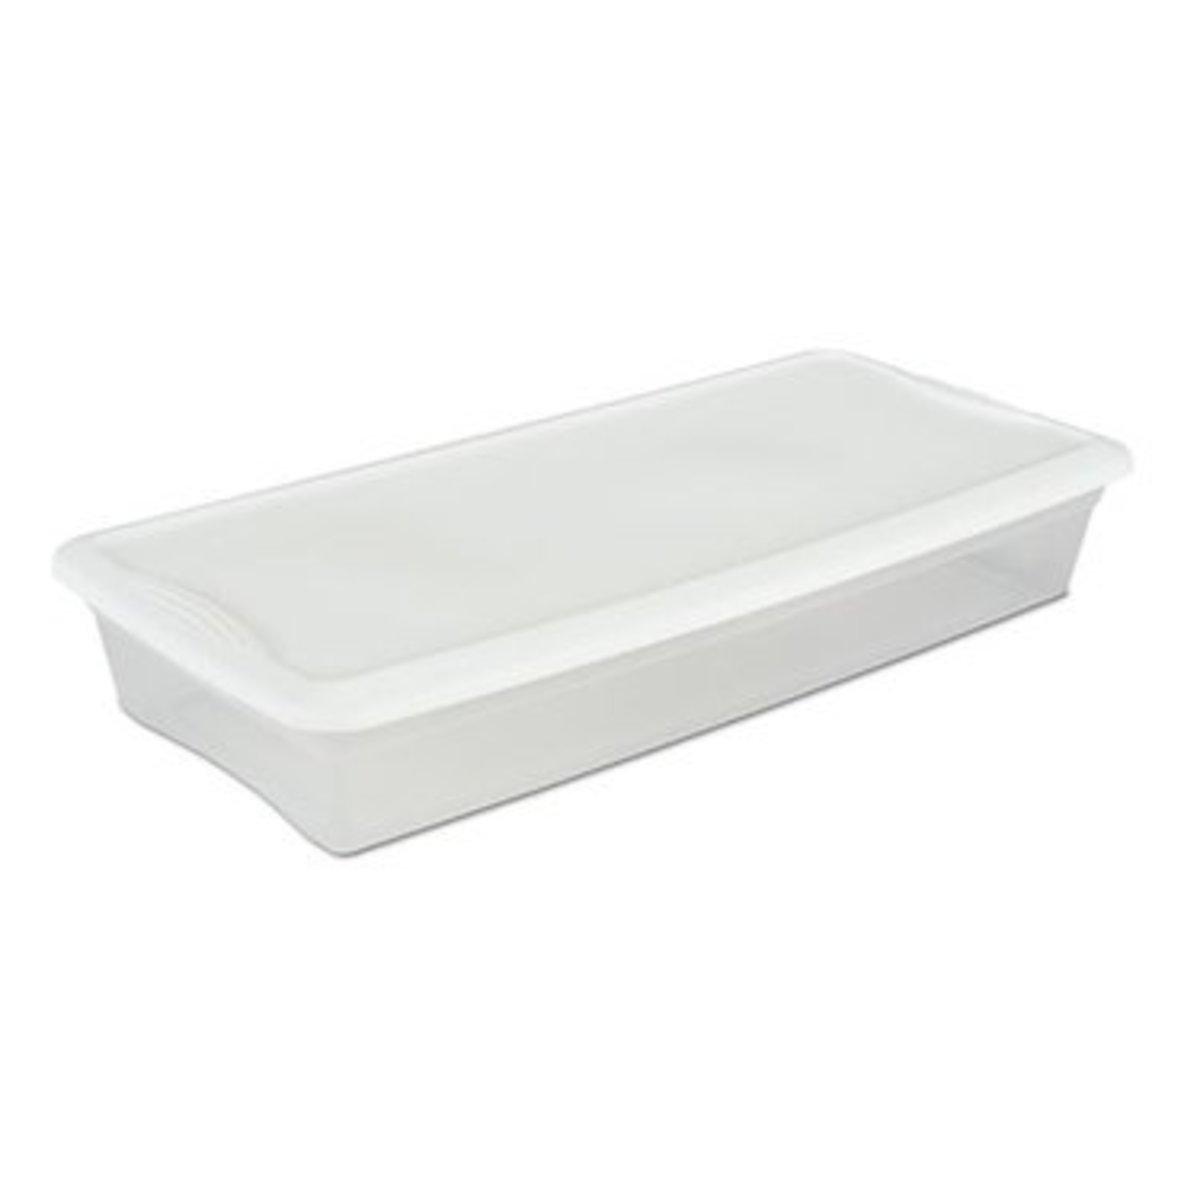 A 41 qt underbed tub,